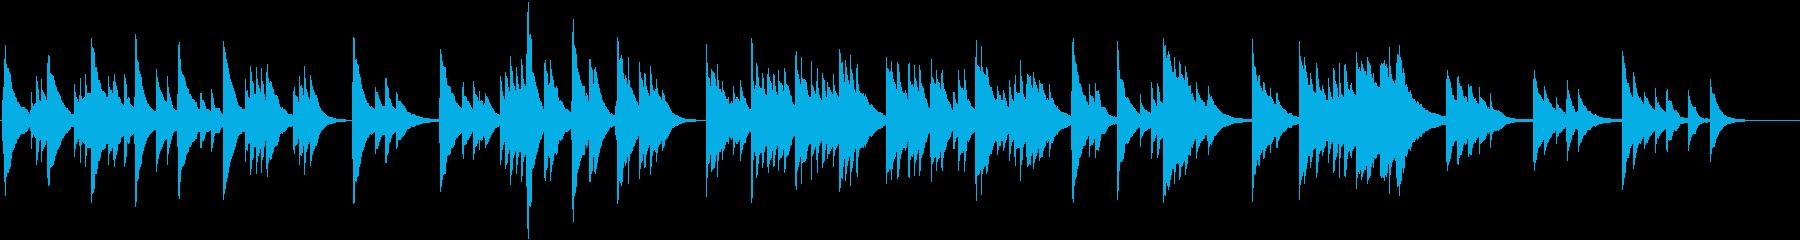 夜の明かりがきらめく幻想的なチェレスタの再生済みの波形